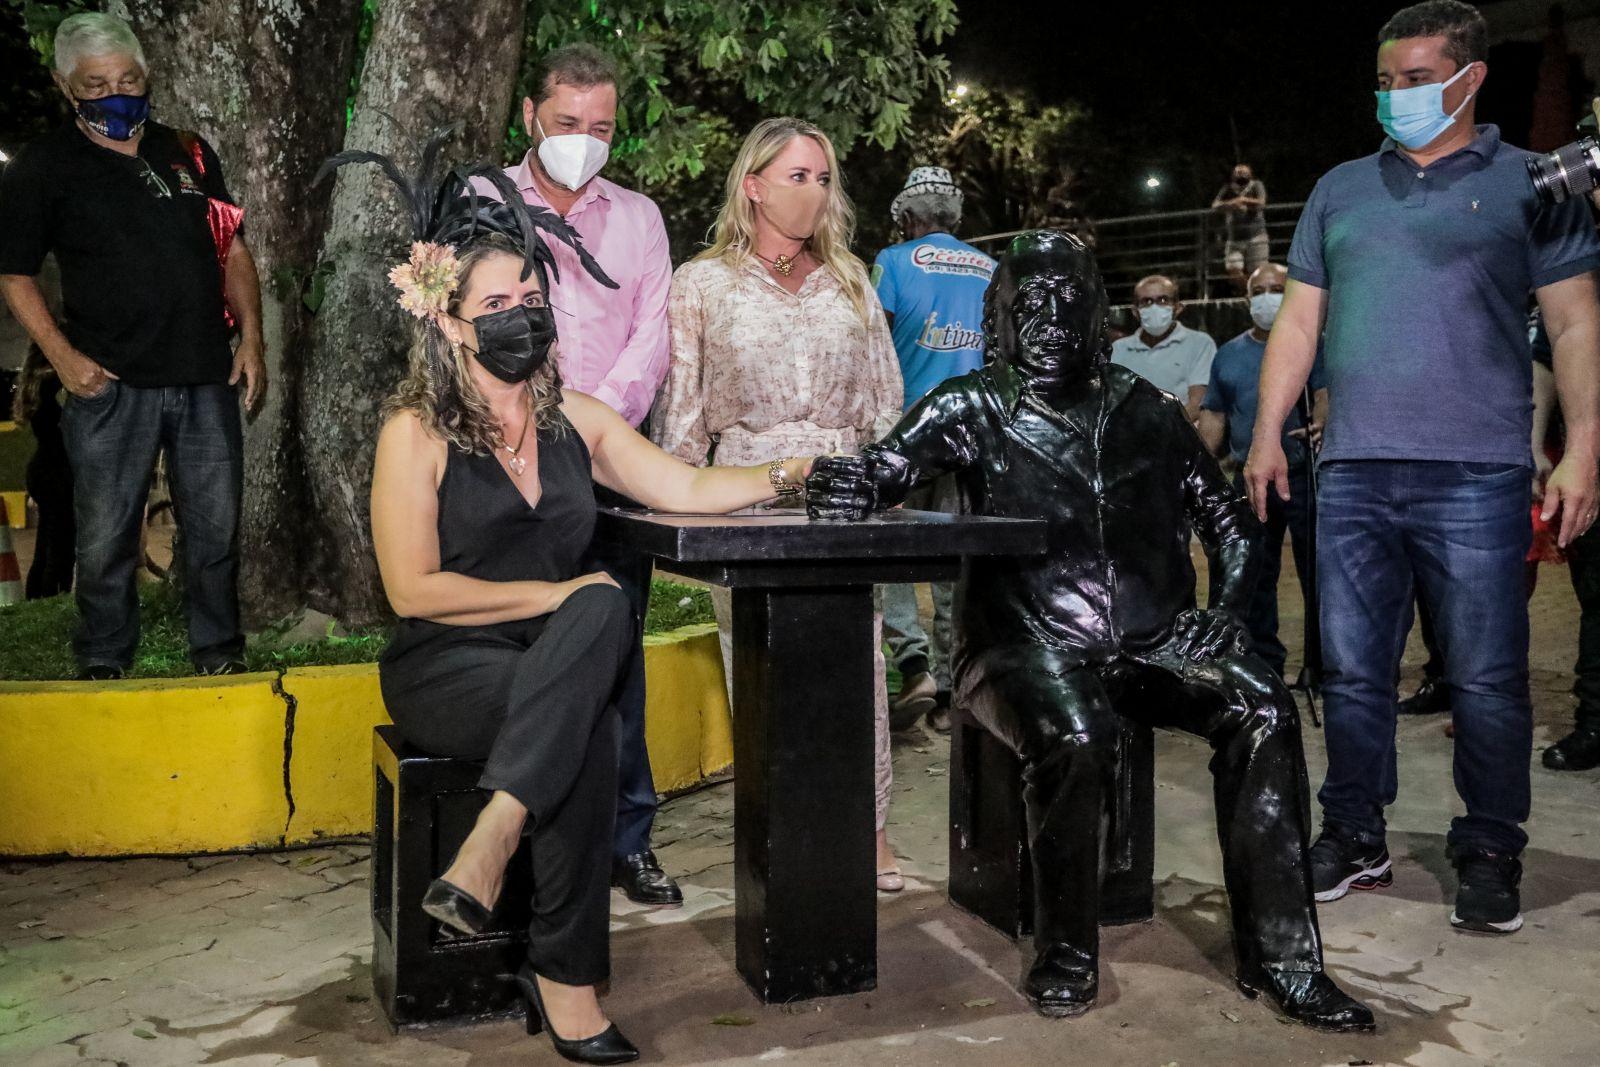 Prefeitura inaugura estátua em homenagem a Manelão, da Banda do Vai Quem Quer